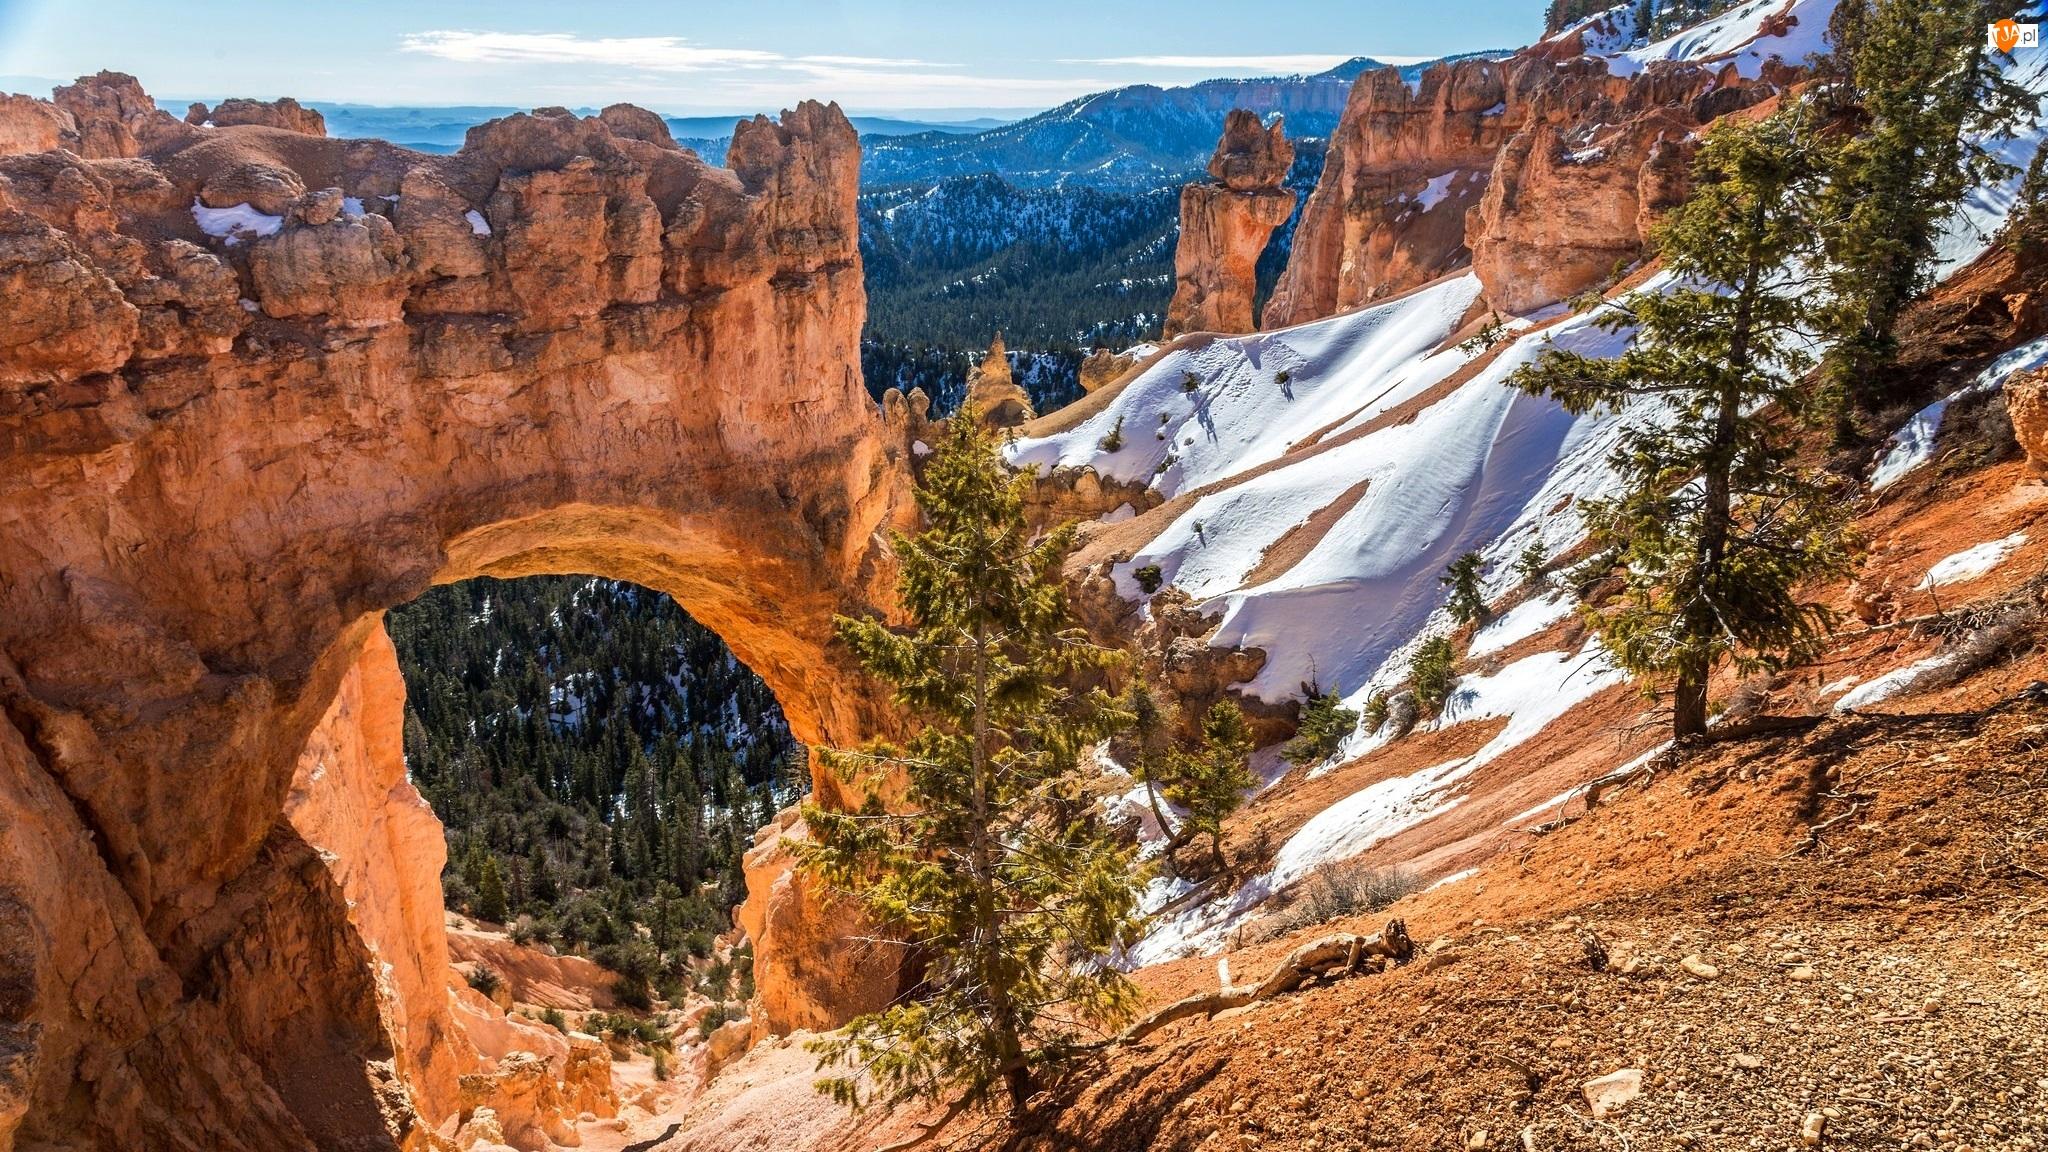 Kanion, Góry, Stan Utah, Łuk Natural Bridge, Stany Zjednoczone, Skały, Park Narodowy Bryce Canyon, Drzewa